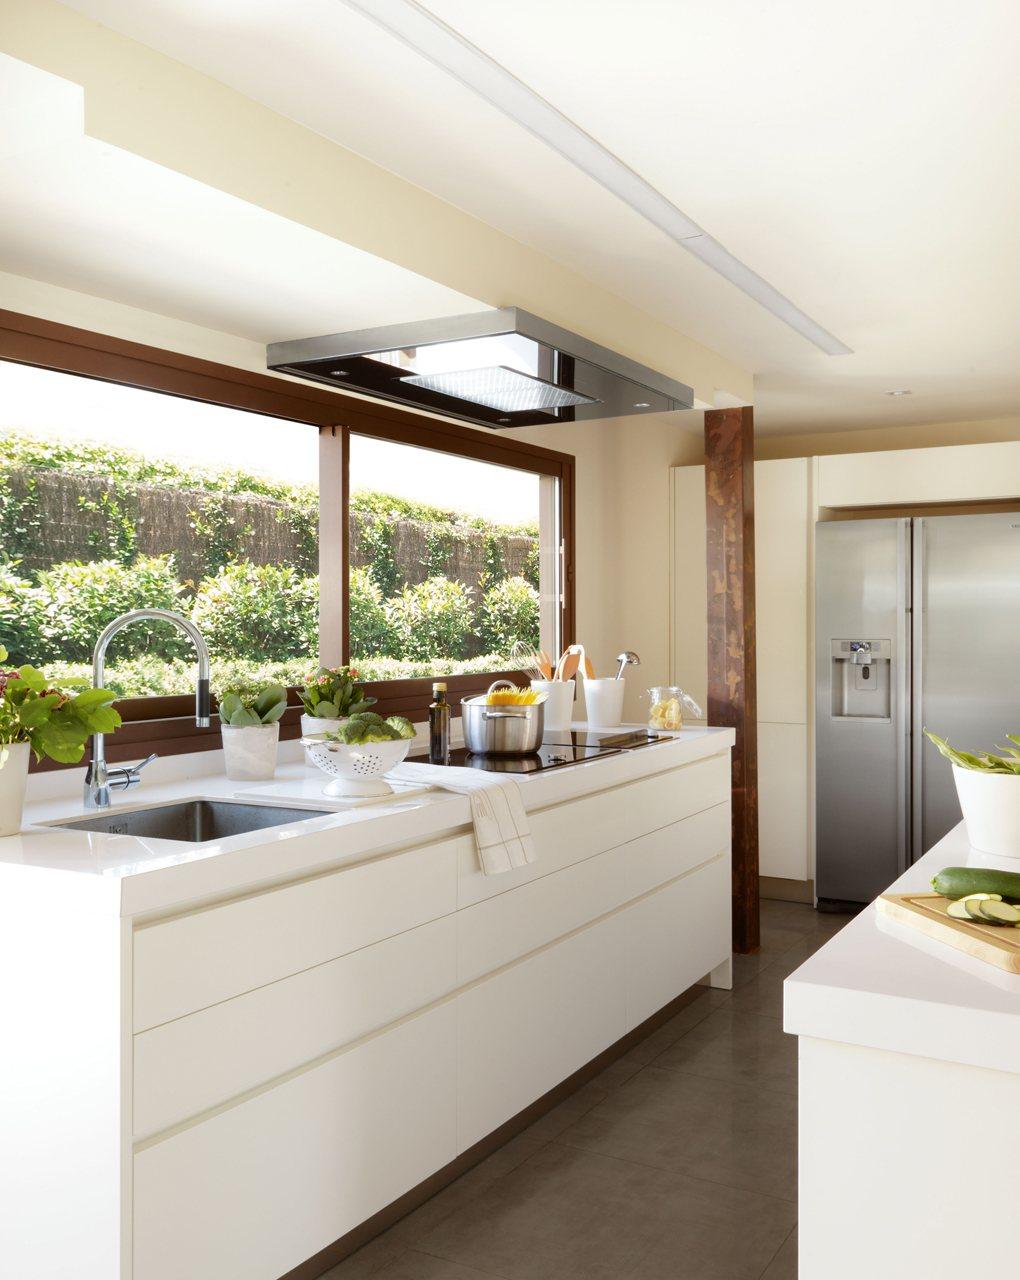 Una reforma en la cocina llena de ideas - Reformas en cocinas ...